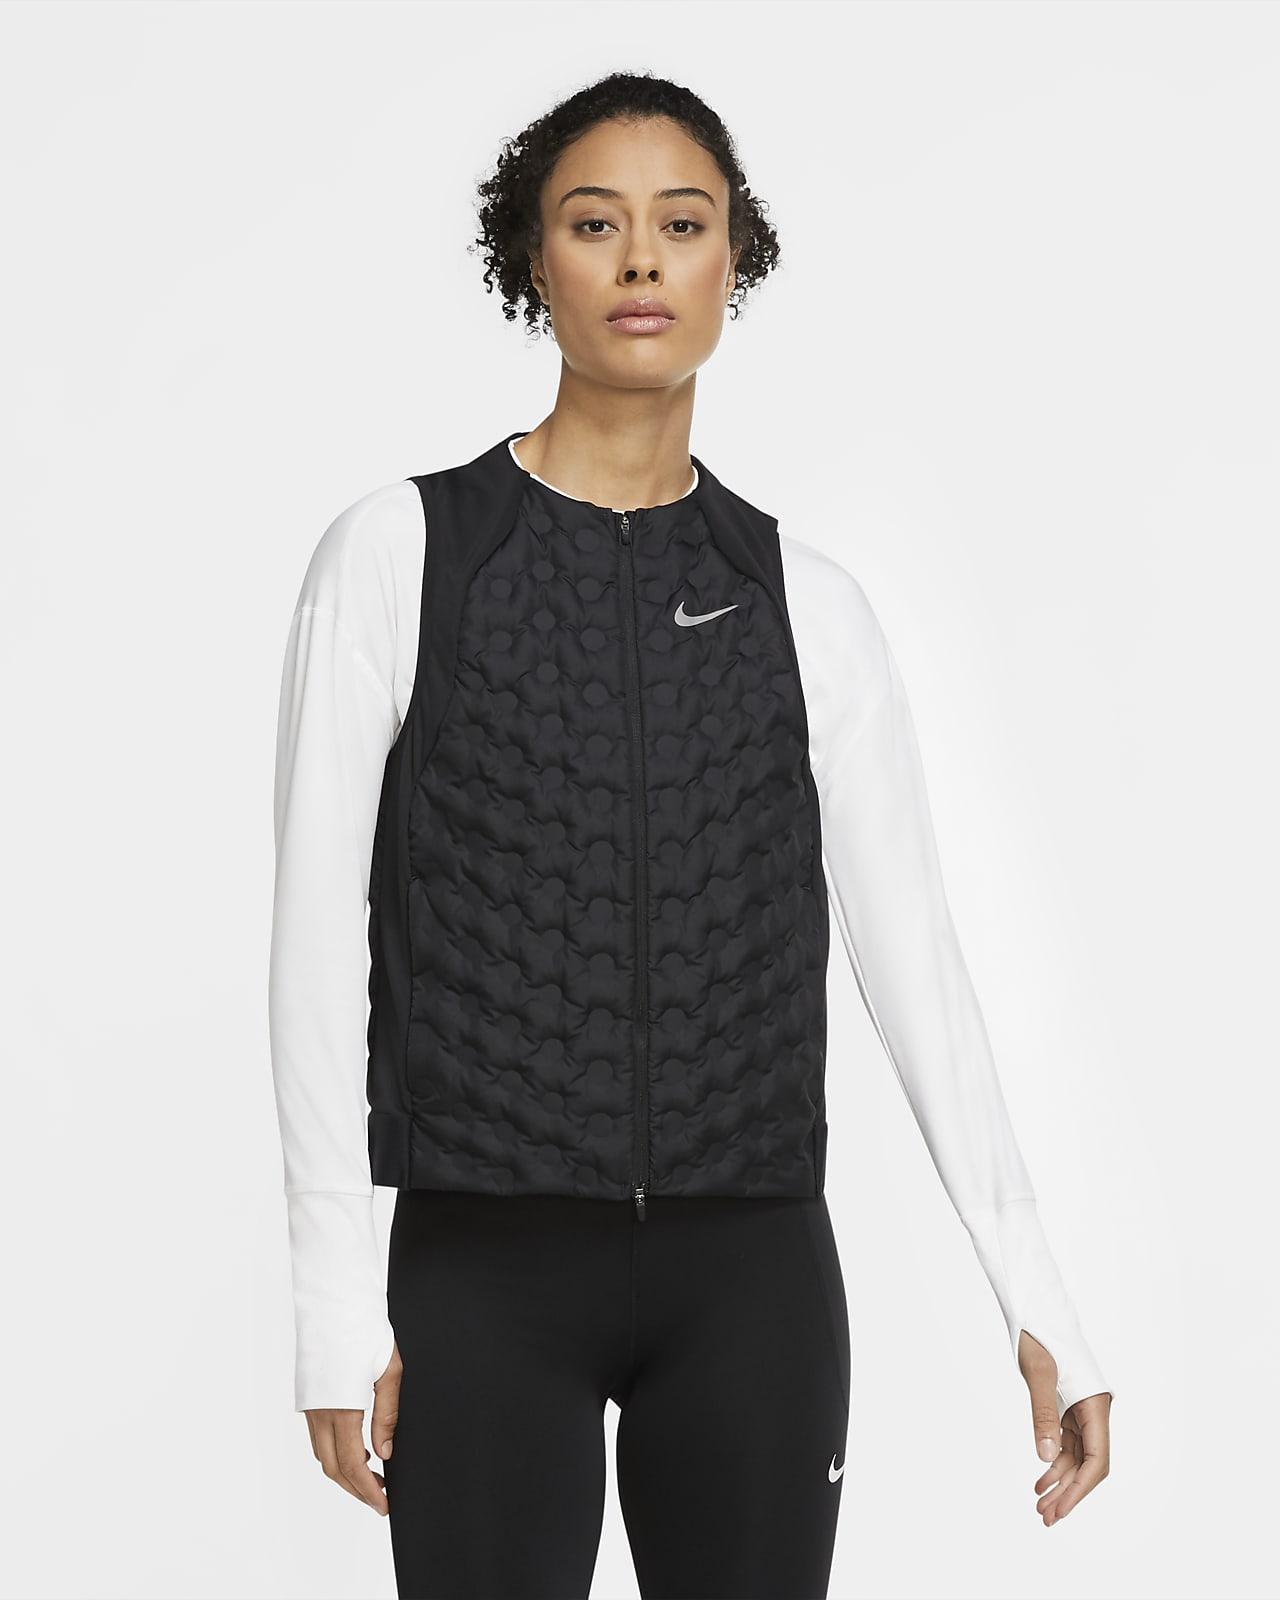 Женский беговой жилет Nike AeroLoft